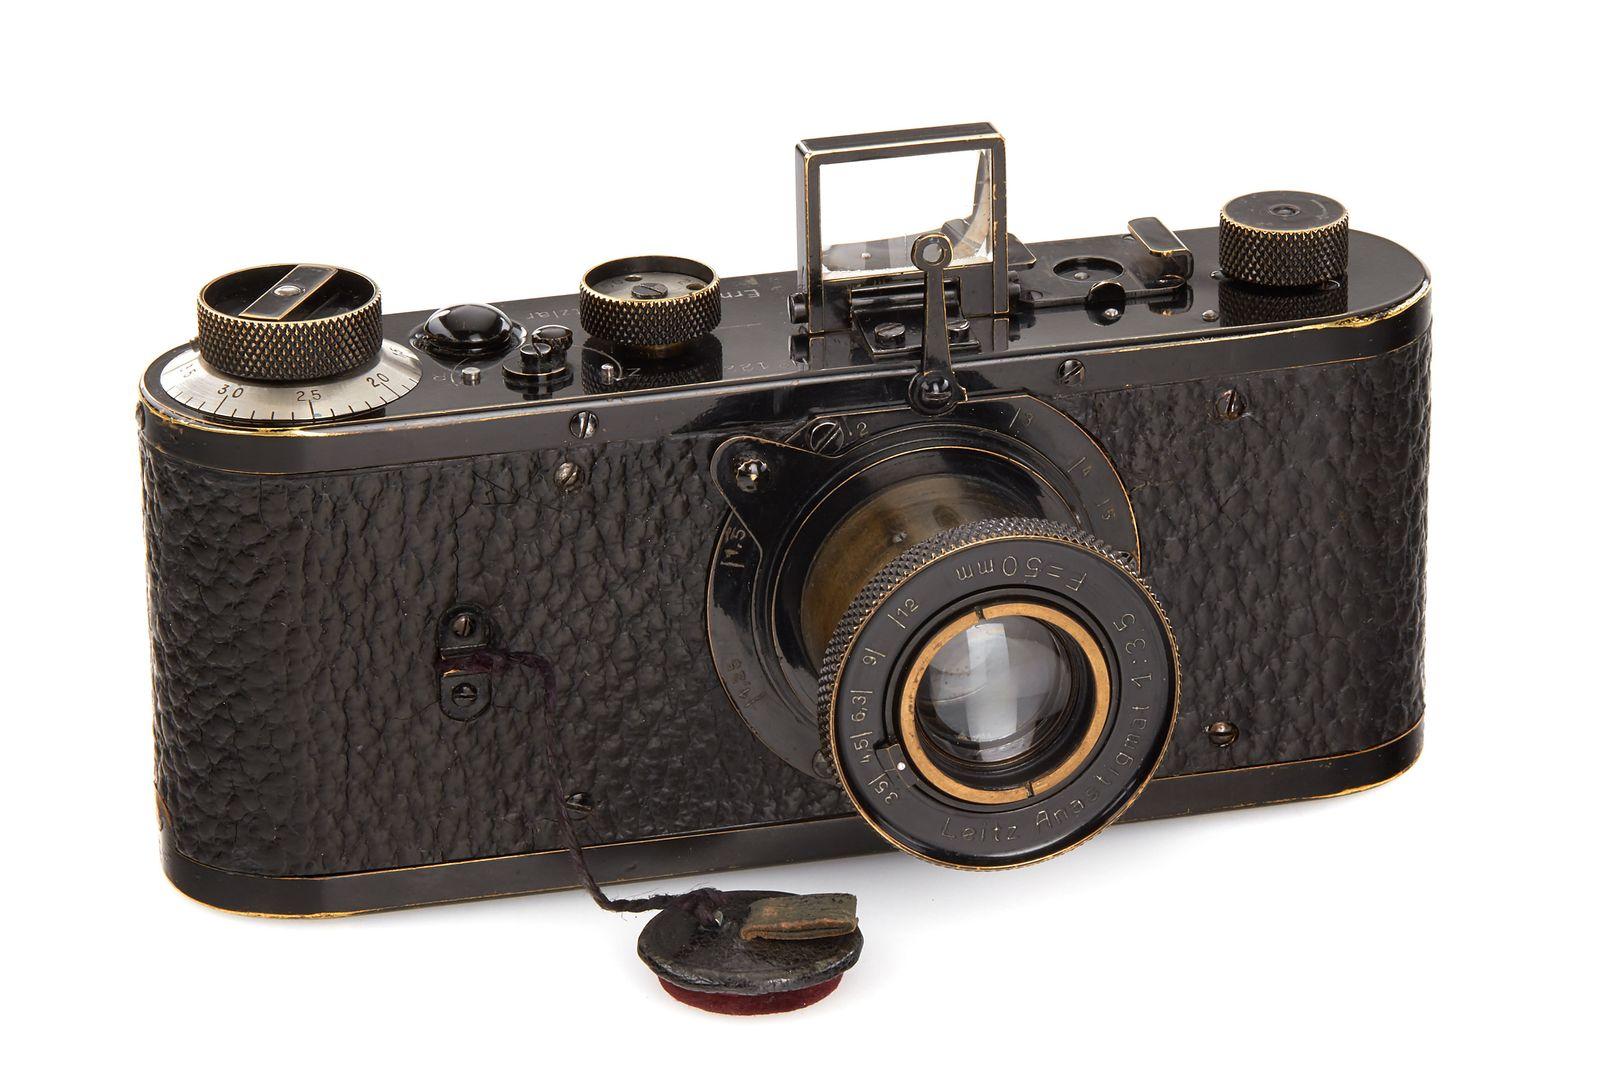 2,4 Millionen Euro für Leica-Fotoapparat